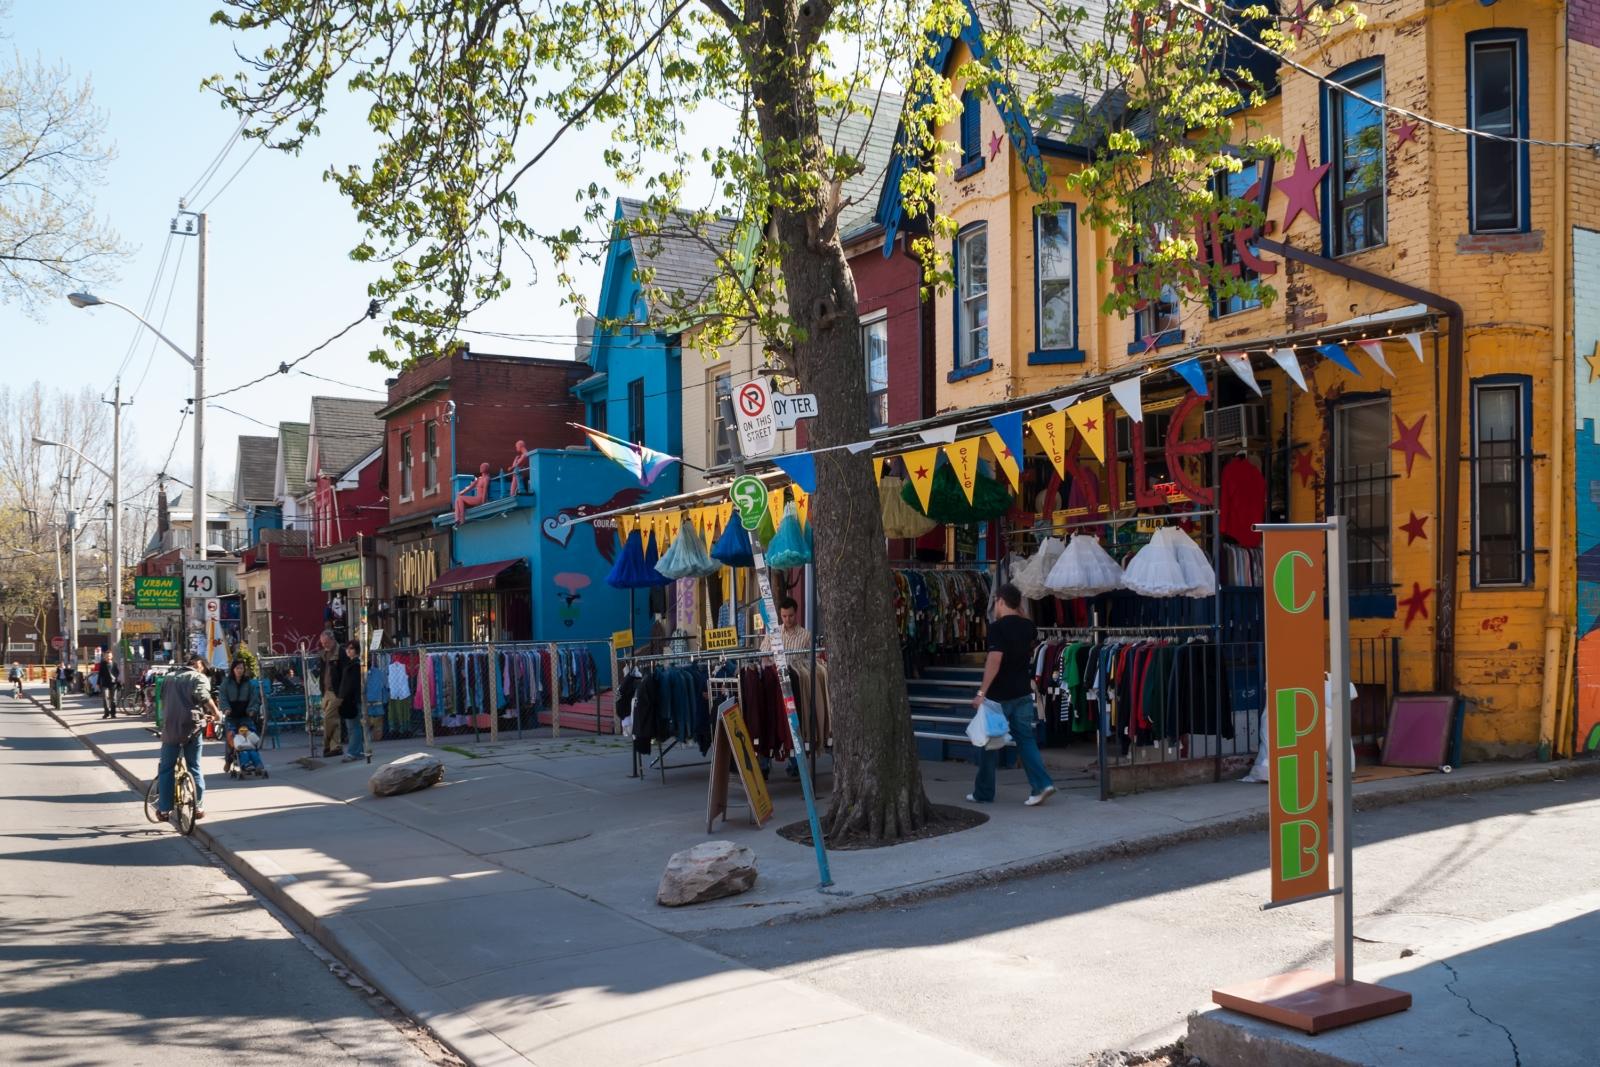 Toronto: Das Viertel Kensington Market mit Geschäften und Bars in bunten Häusern aus der viktorianischen Zeit